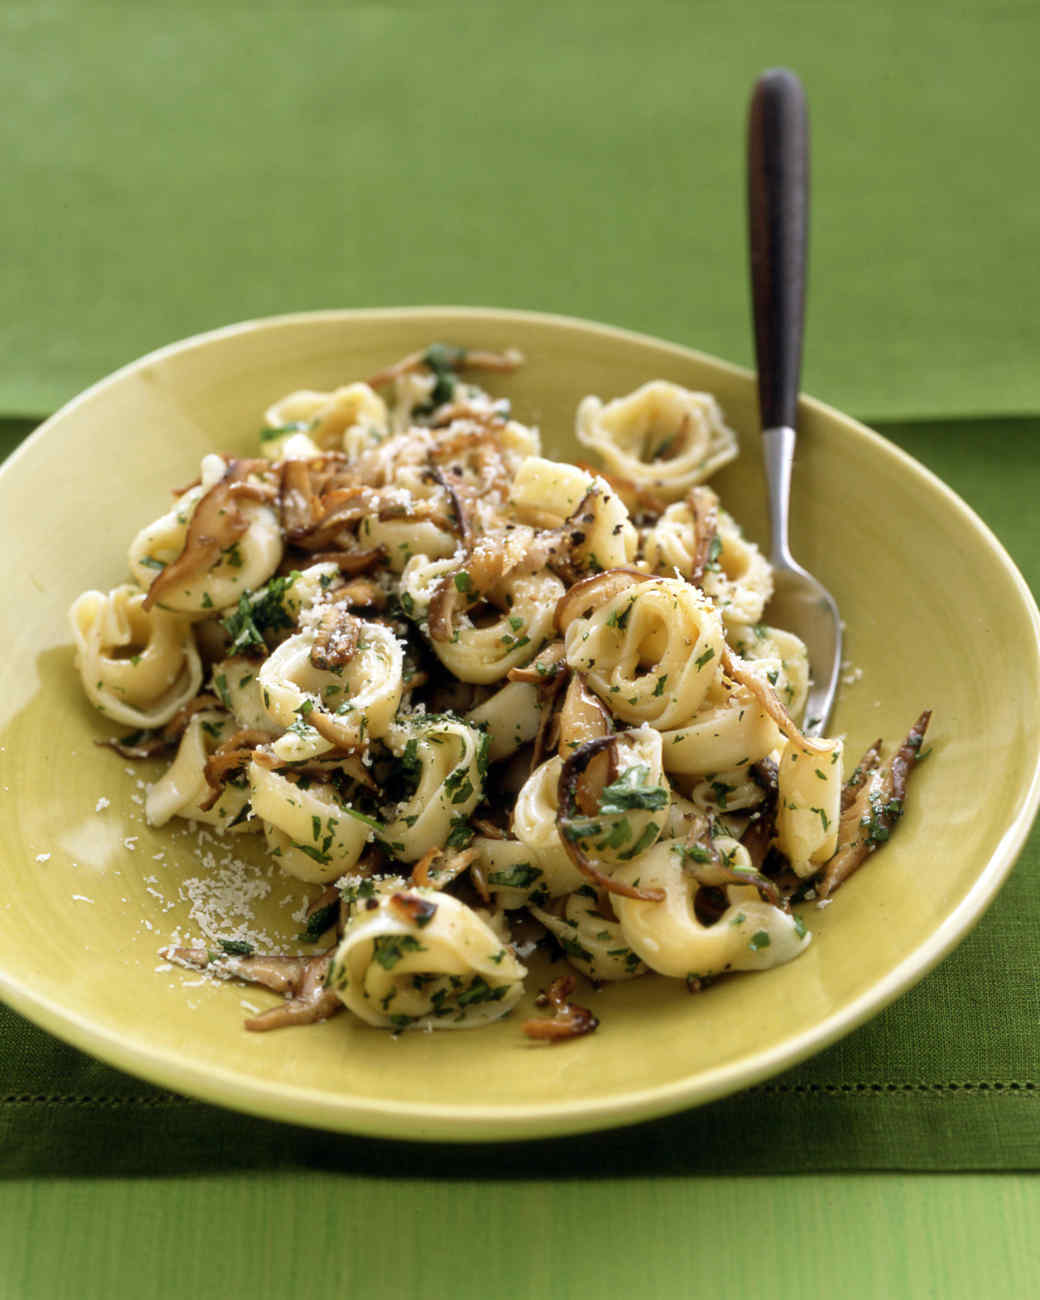 Pasta sauce recipe for cheese tortellini